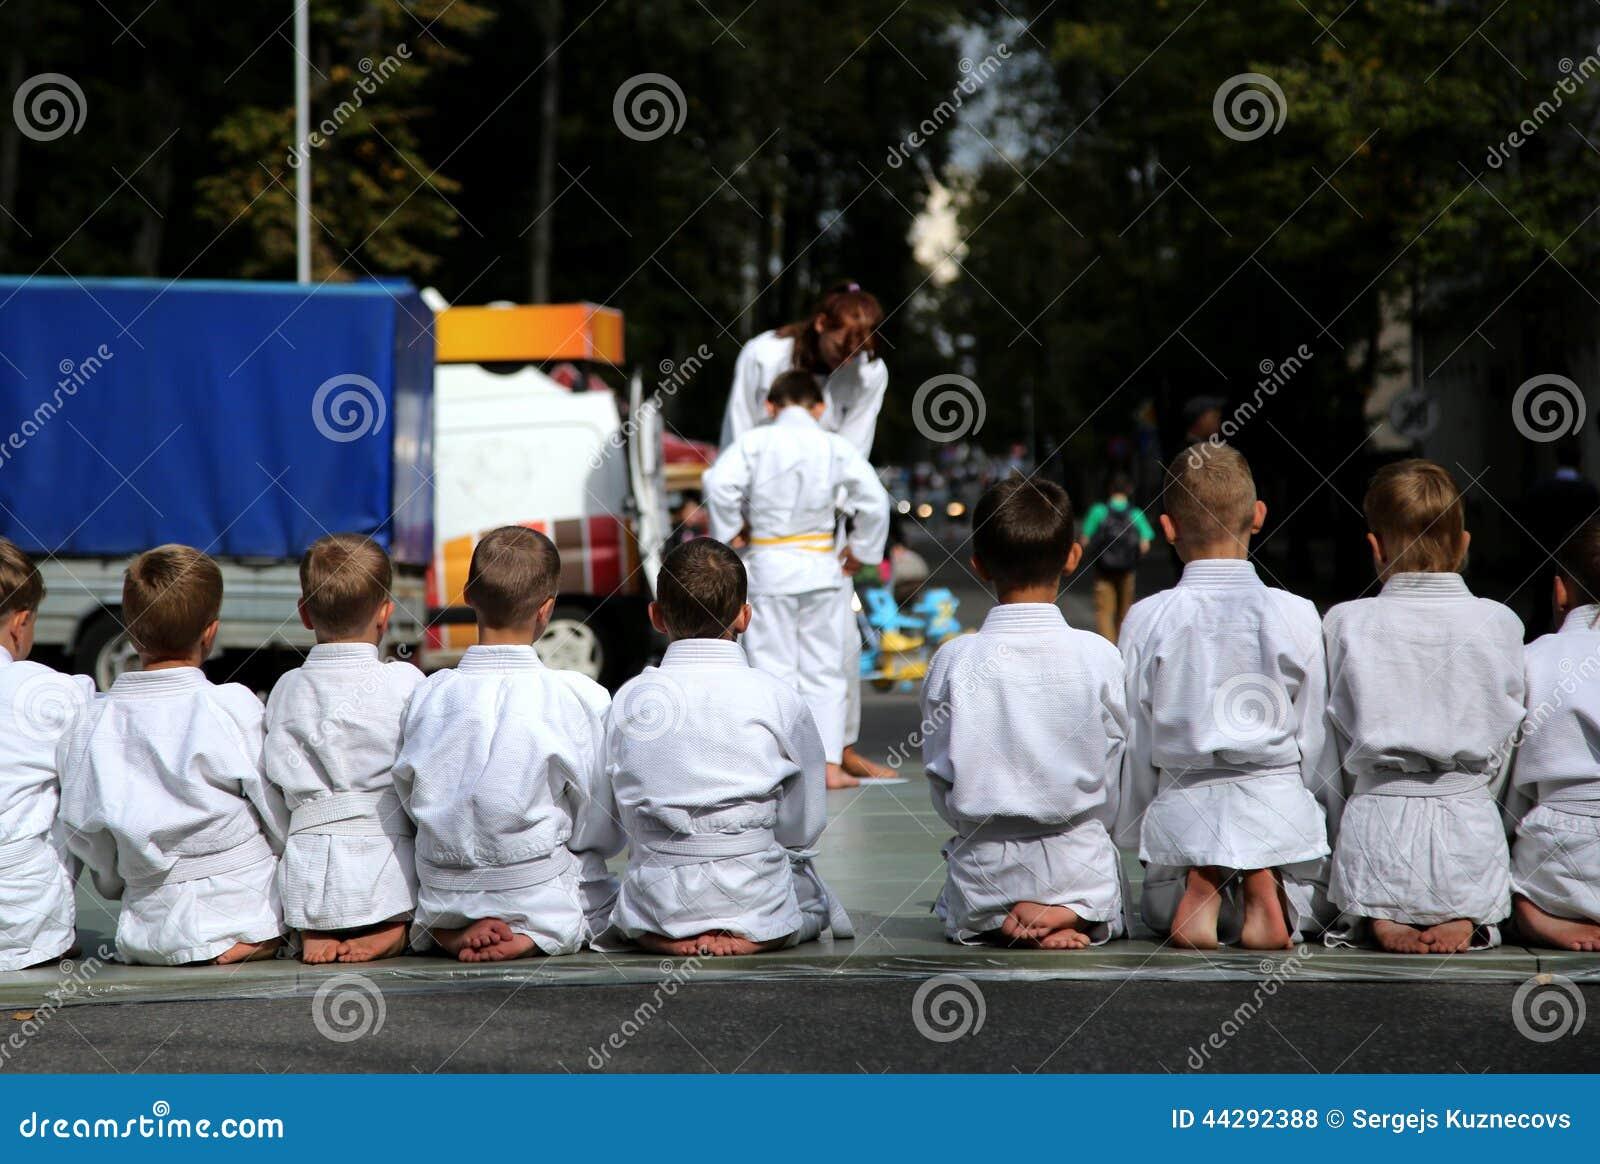 The judo